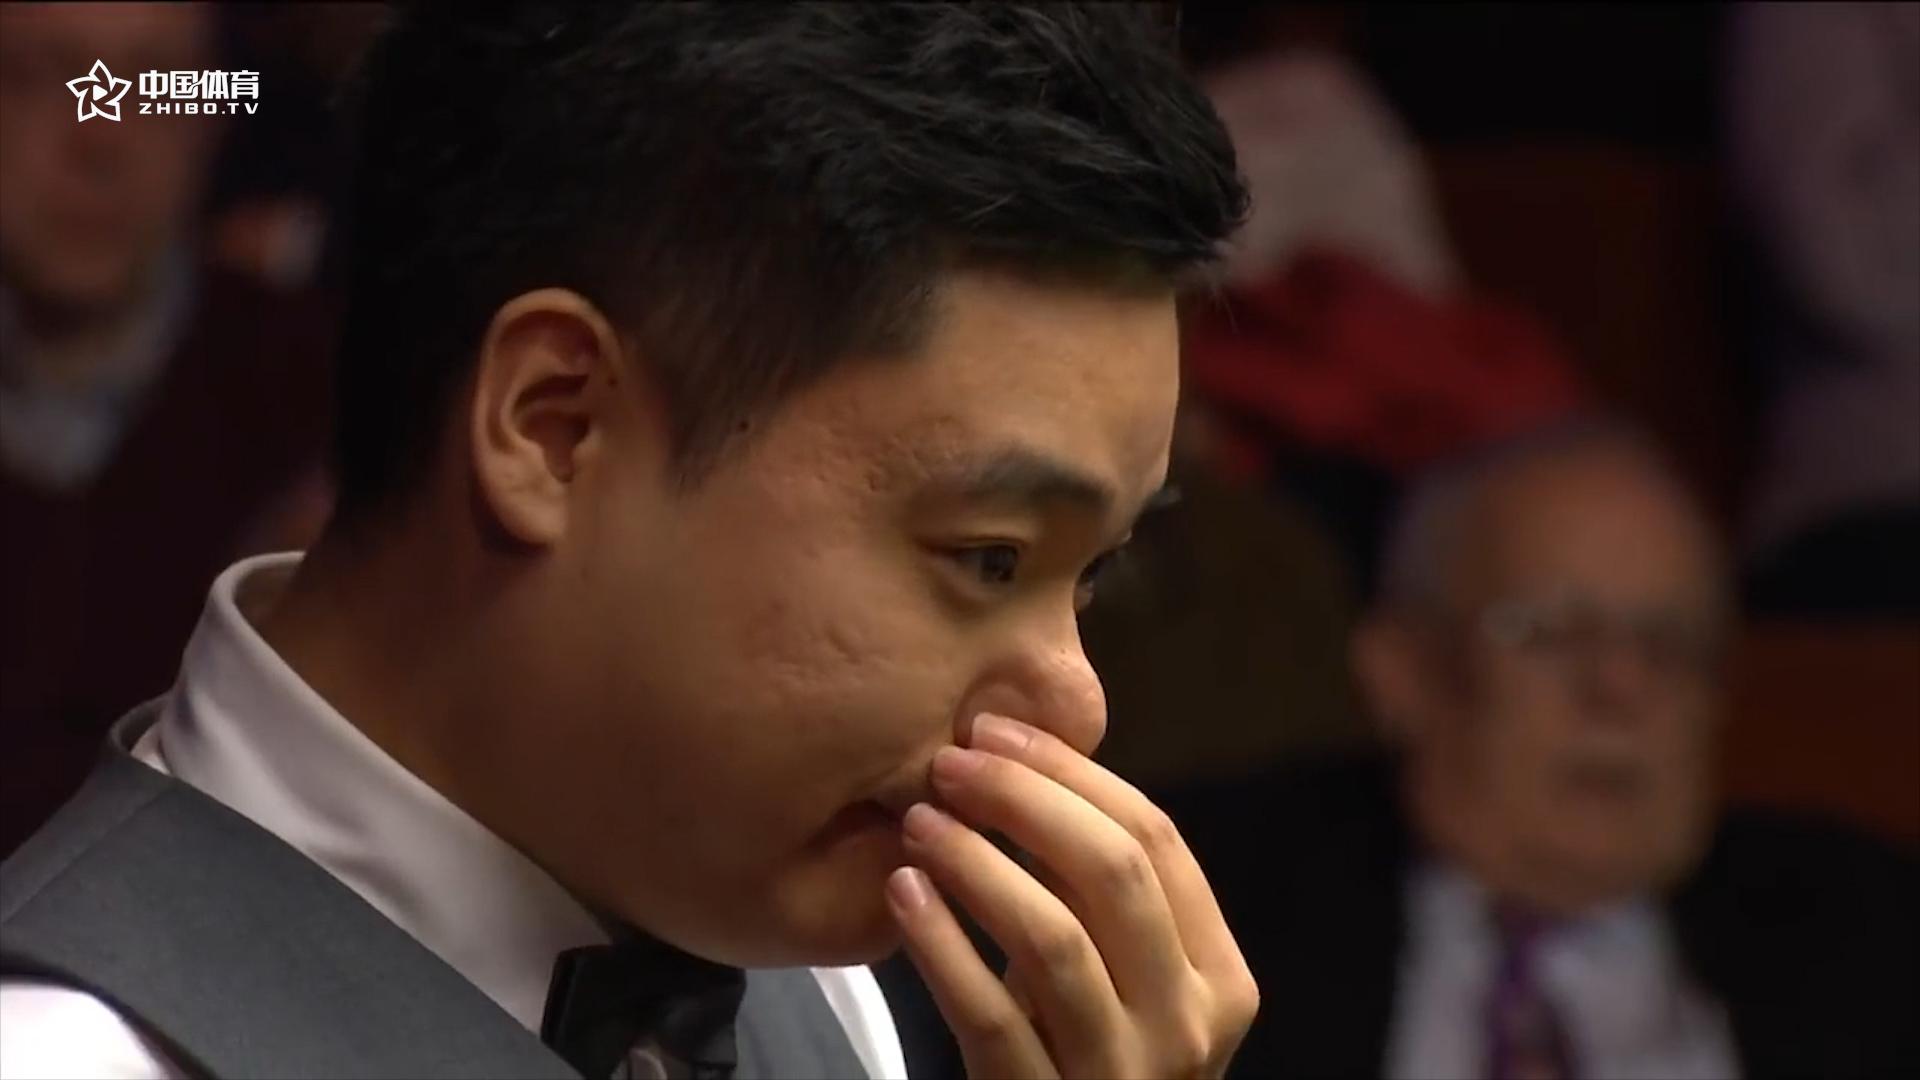 丁俊晖距离世锦赛冠军最近的时刻 令人心痛的致命蓝球 | 世锦赛中国军团